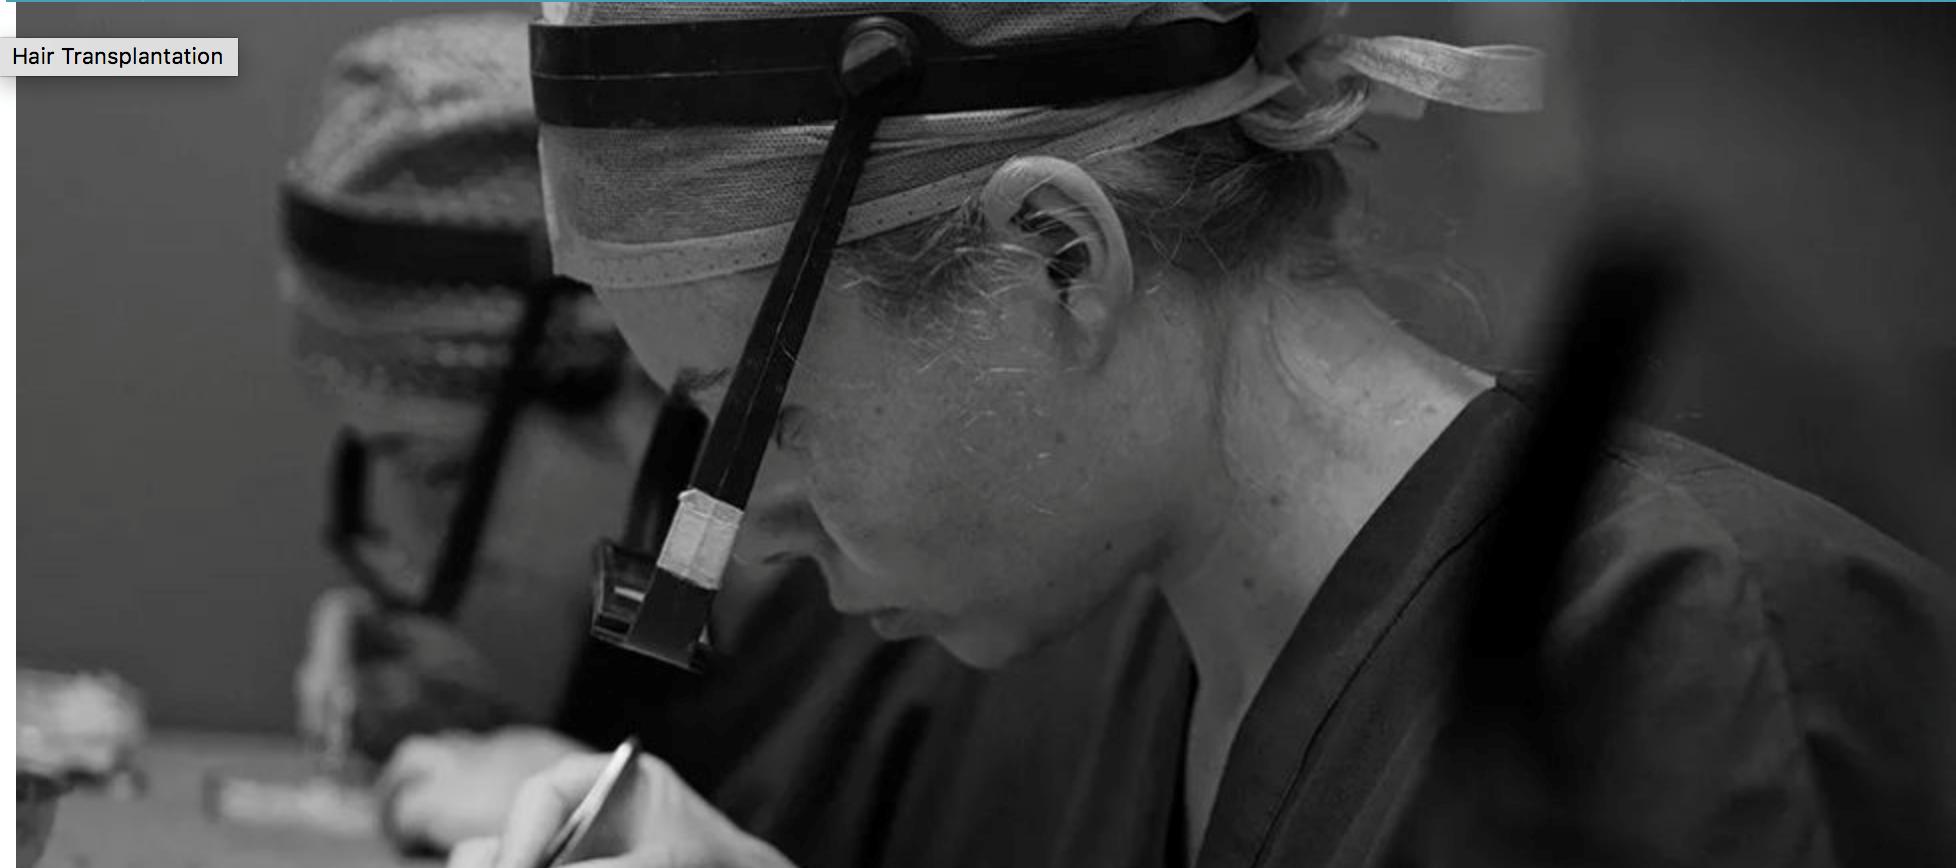 Hair Transplantation at NewAge Clinic